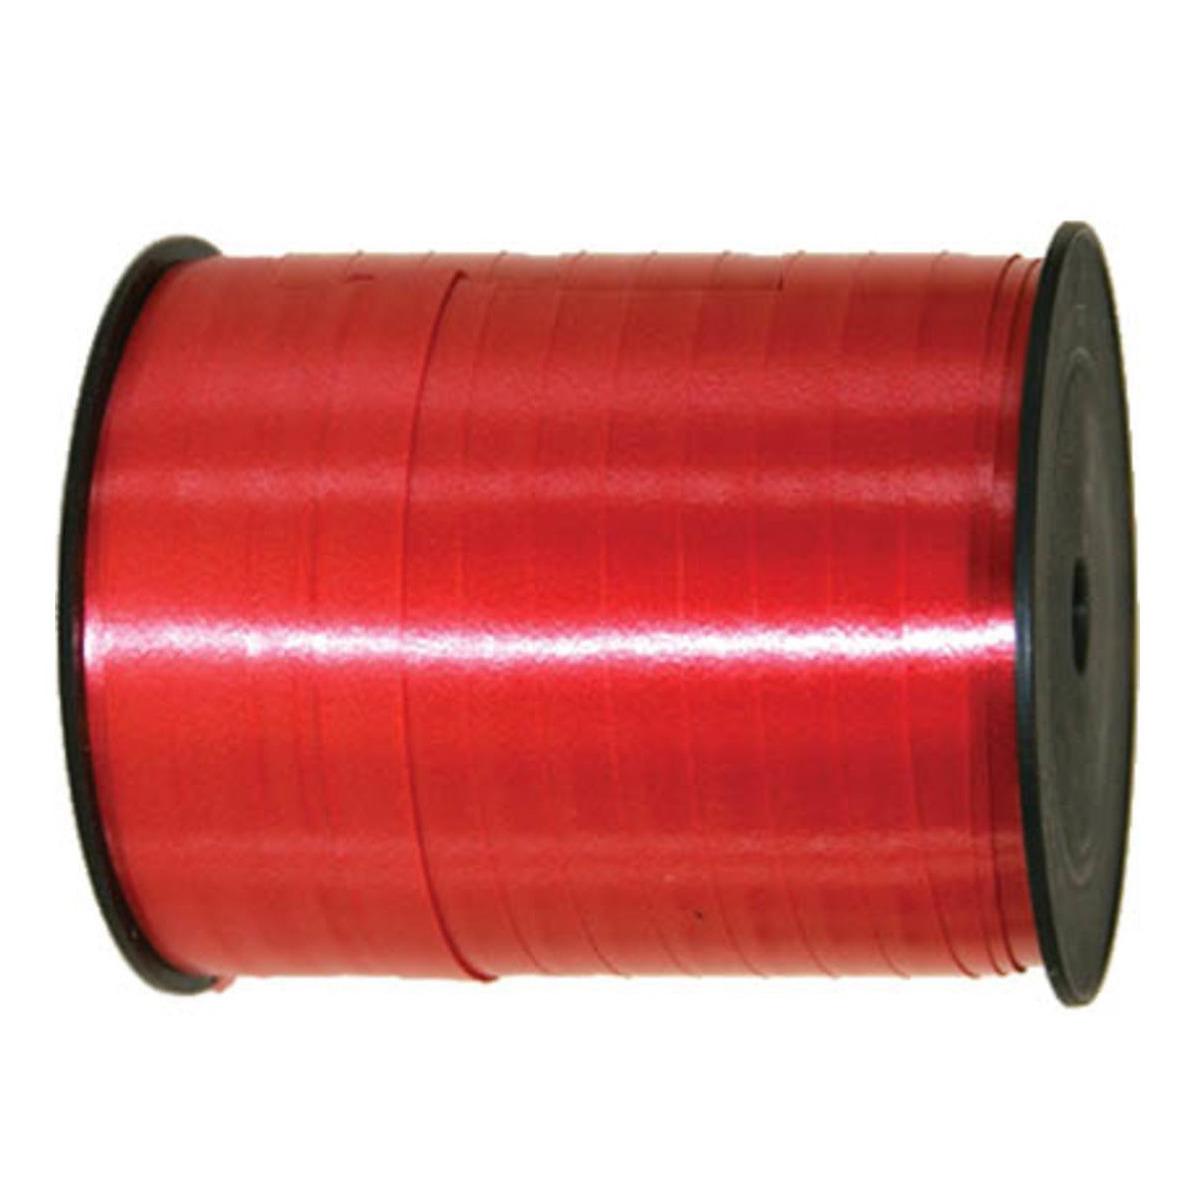 Cadeaulint/sierlint in de kleur rood 5 mm x 500 meter